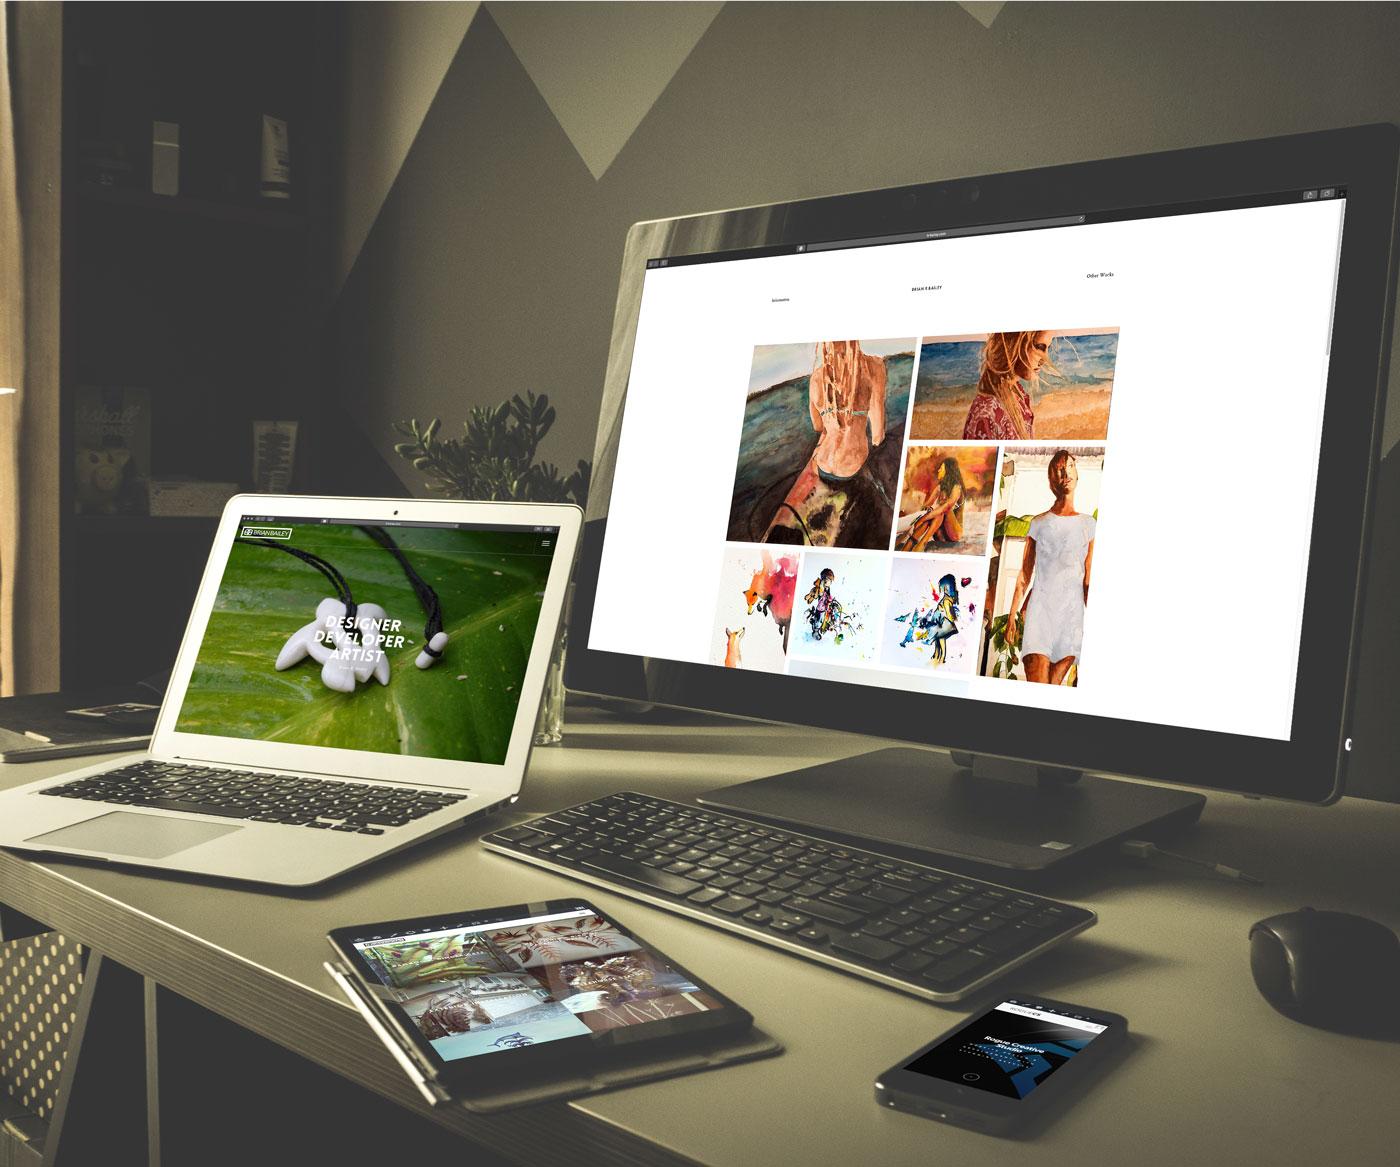 BRBailey.com Website Design and Development